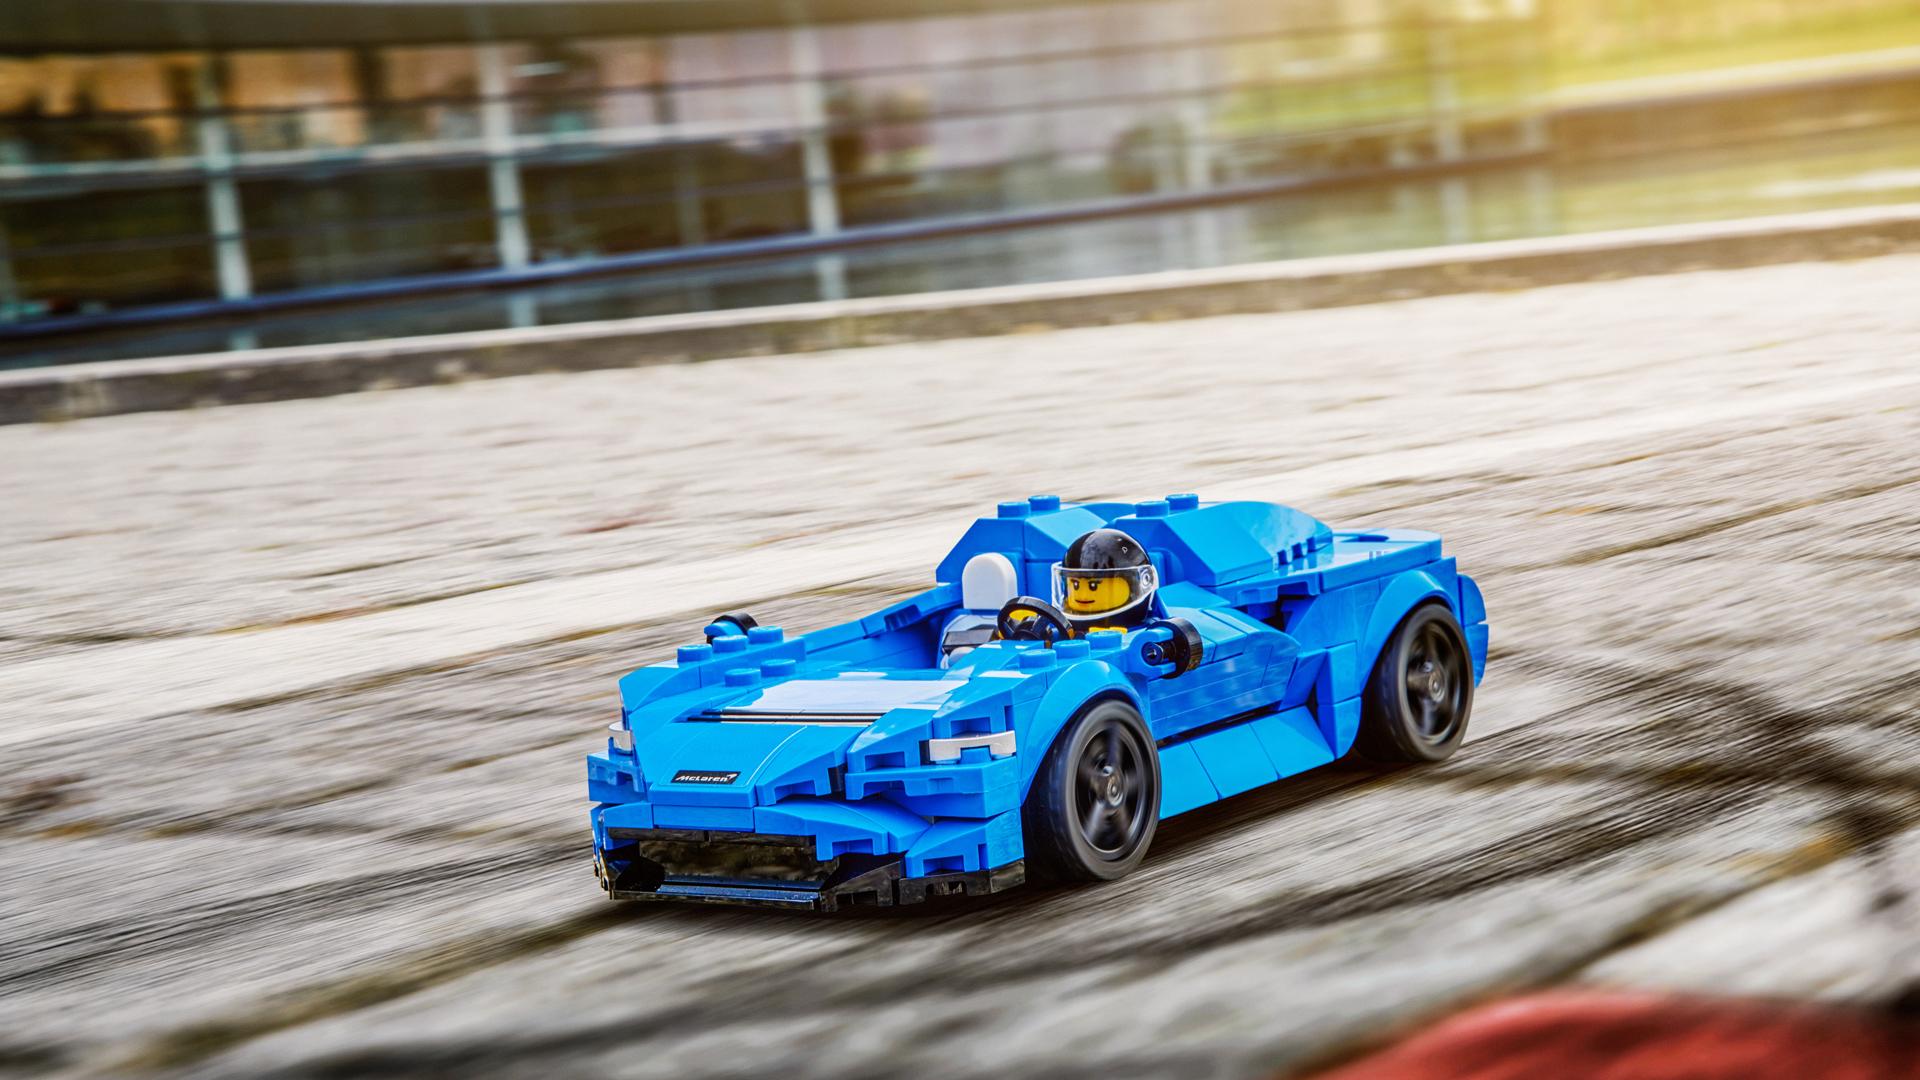 Notícias - Lego Elva